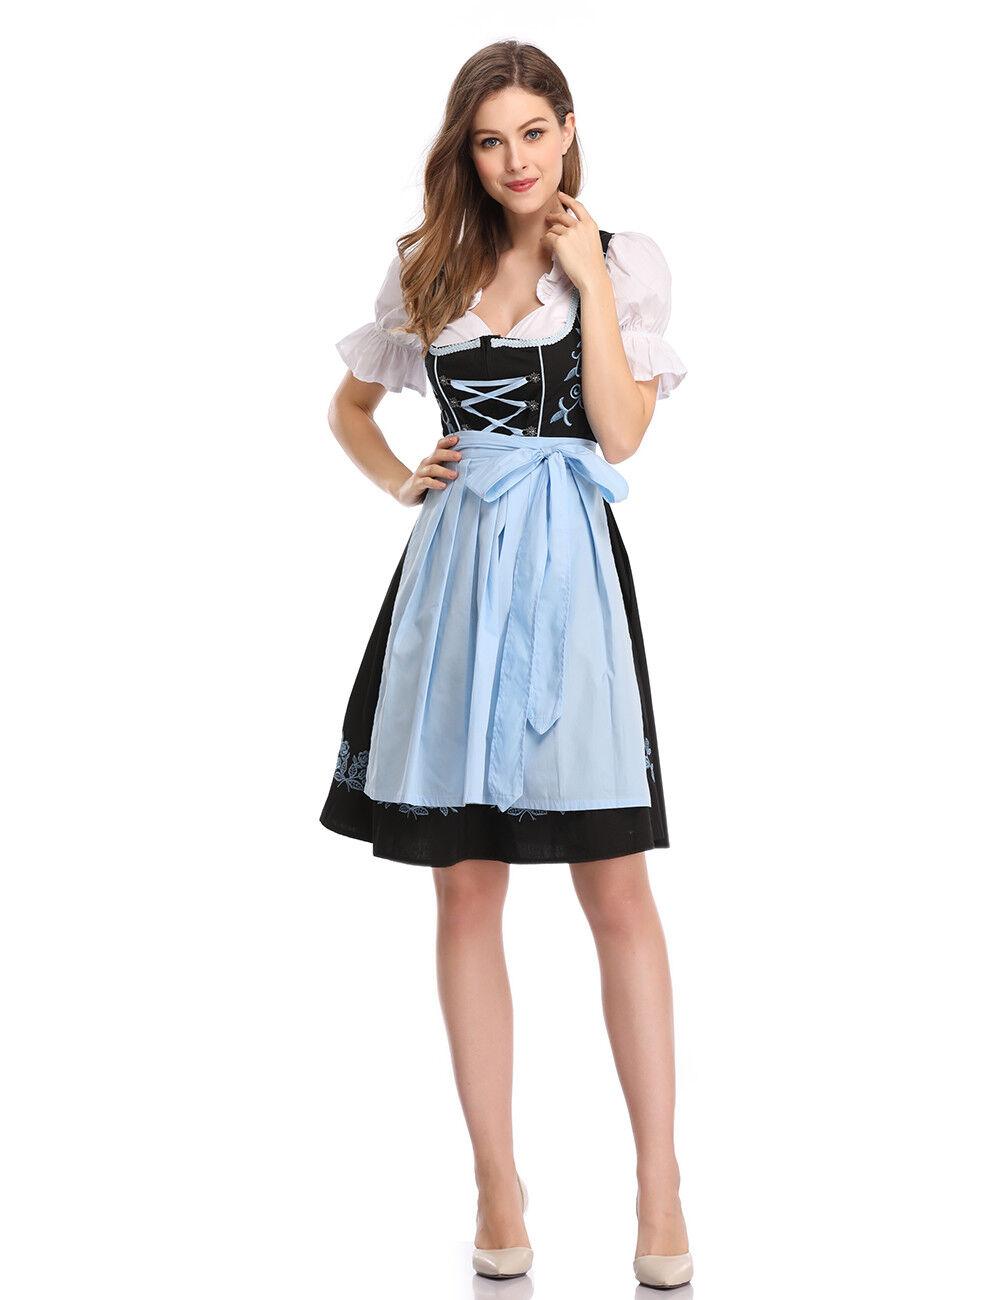 Damen Damen Damen Dirndl Wiesn Outfit Oktoberfest Kostüm Minikleid Karneval Tracht NEU 34-42 | Gewinnen Sie hoch geschätzt  | Elegantes Aussehen  | Moderne Technologie  04ae15